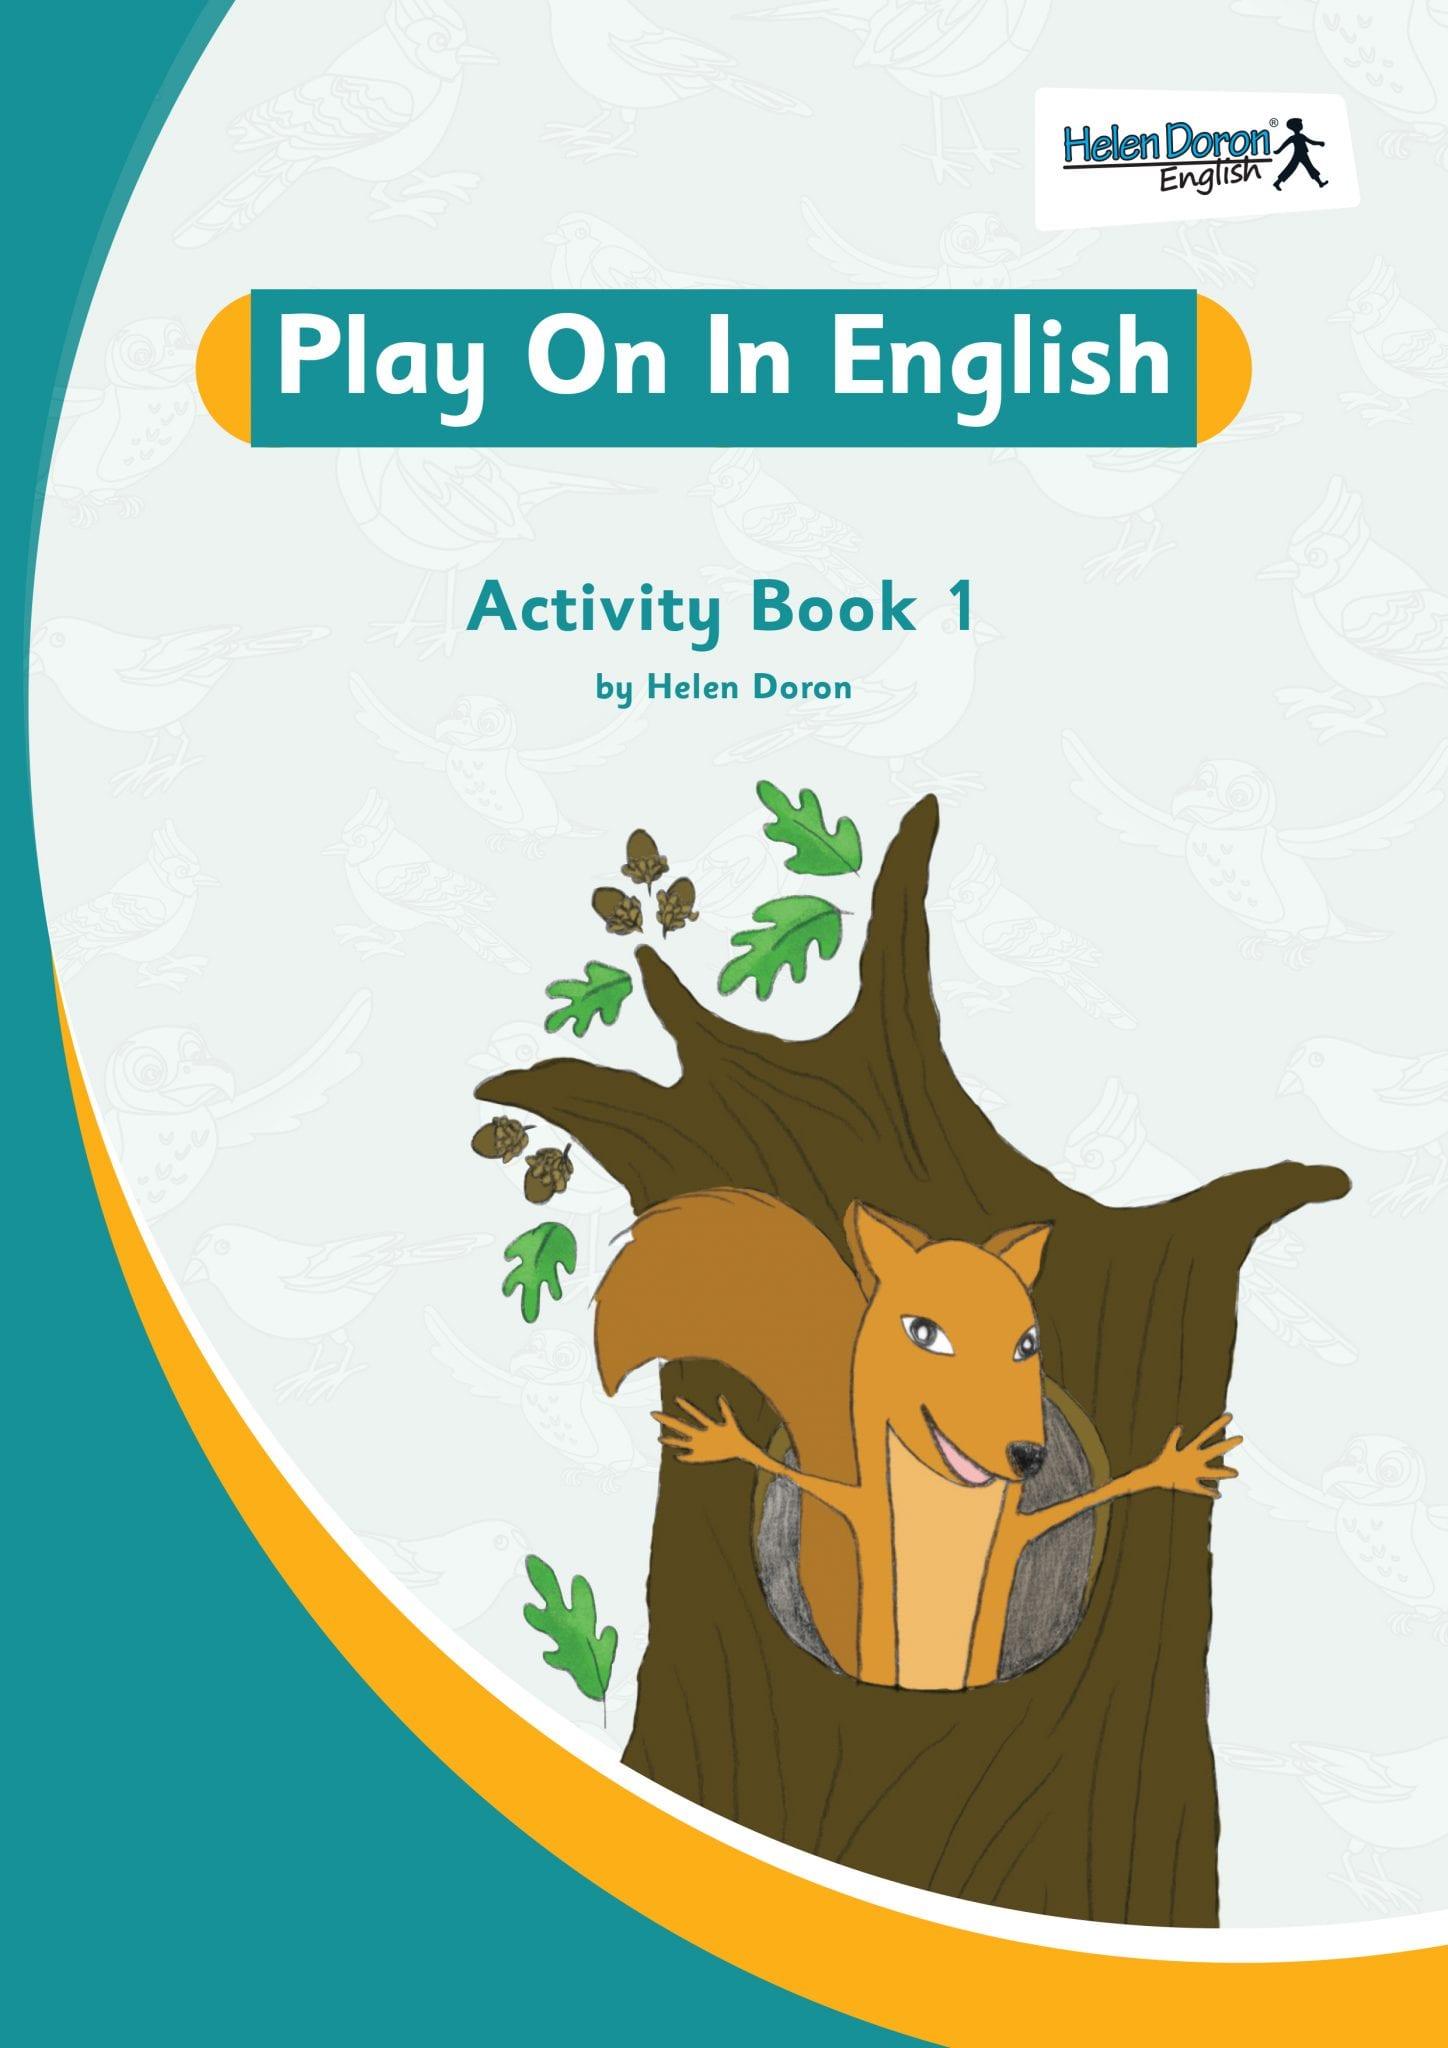 Ingilizce ile oyna  (Play On in English Holiday Course )